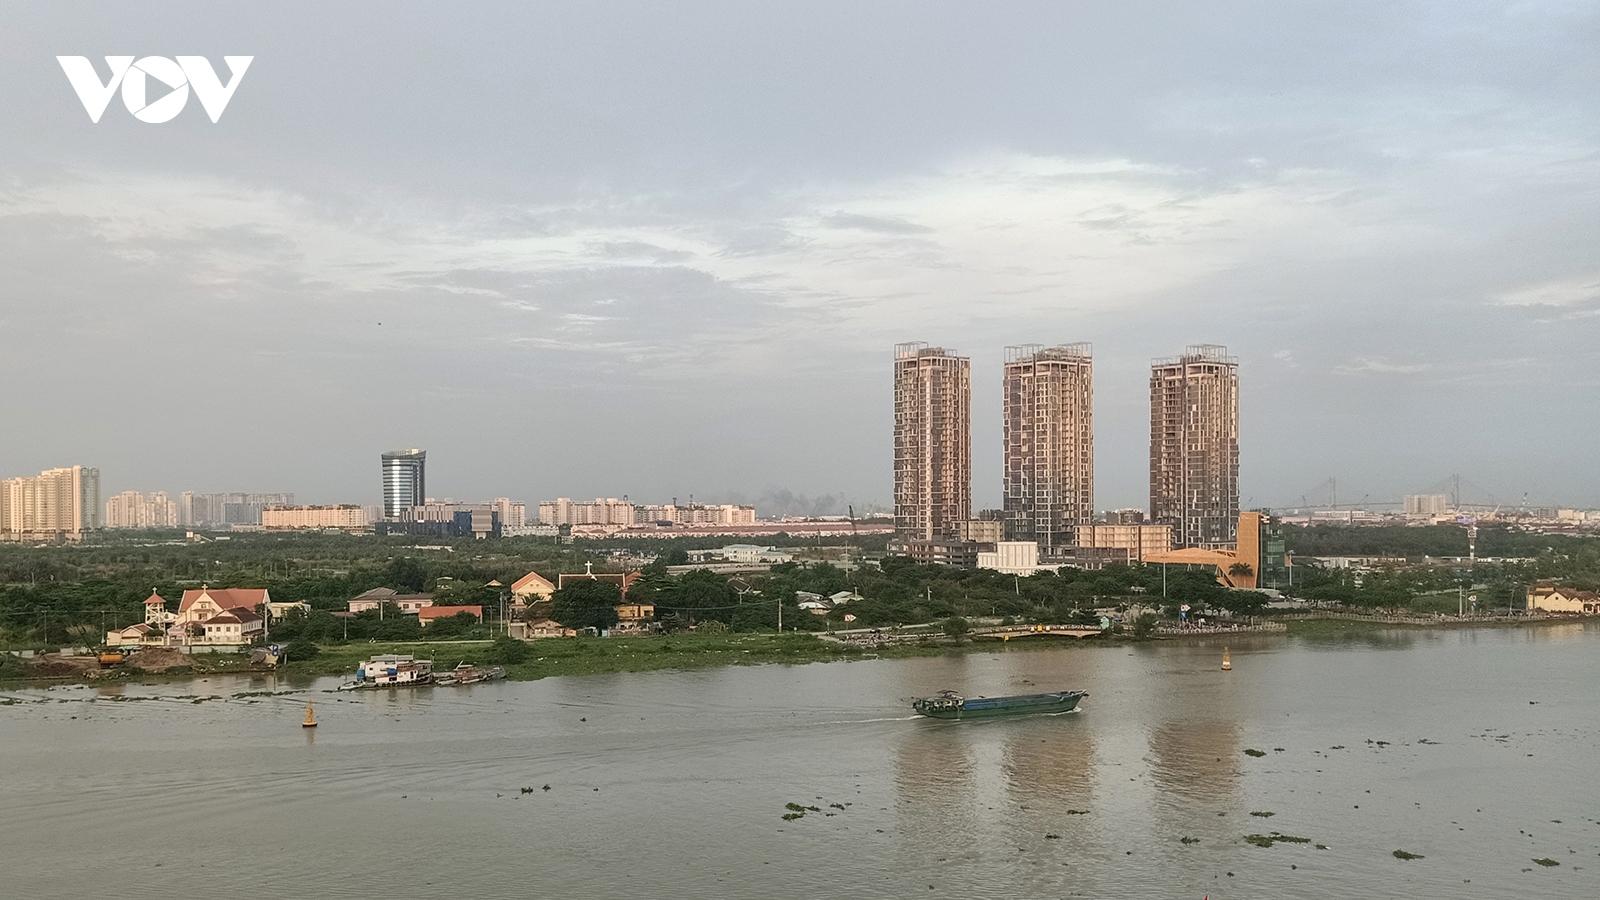 Chi hơn 1.300 tỷ đồng để bồi thường, tái định cư Khu đô thị mới Thủ Thiêm